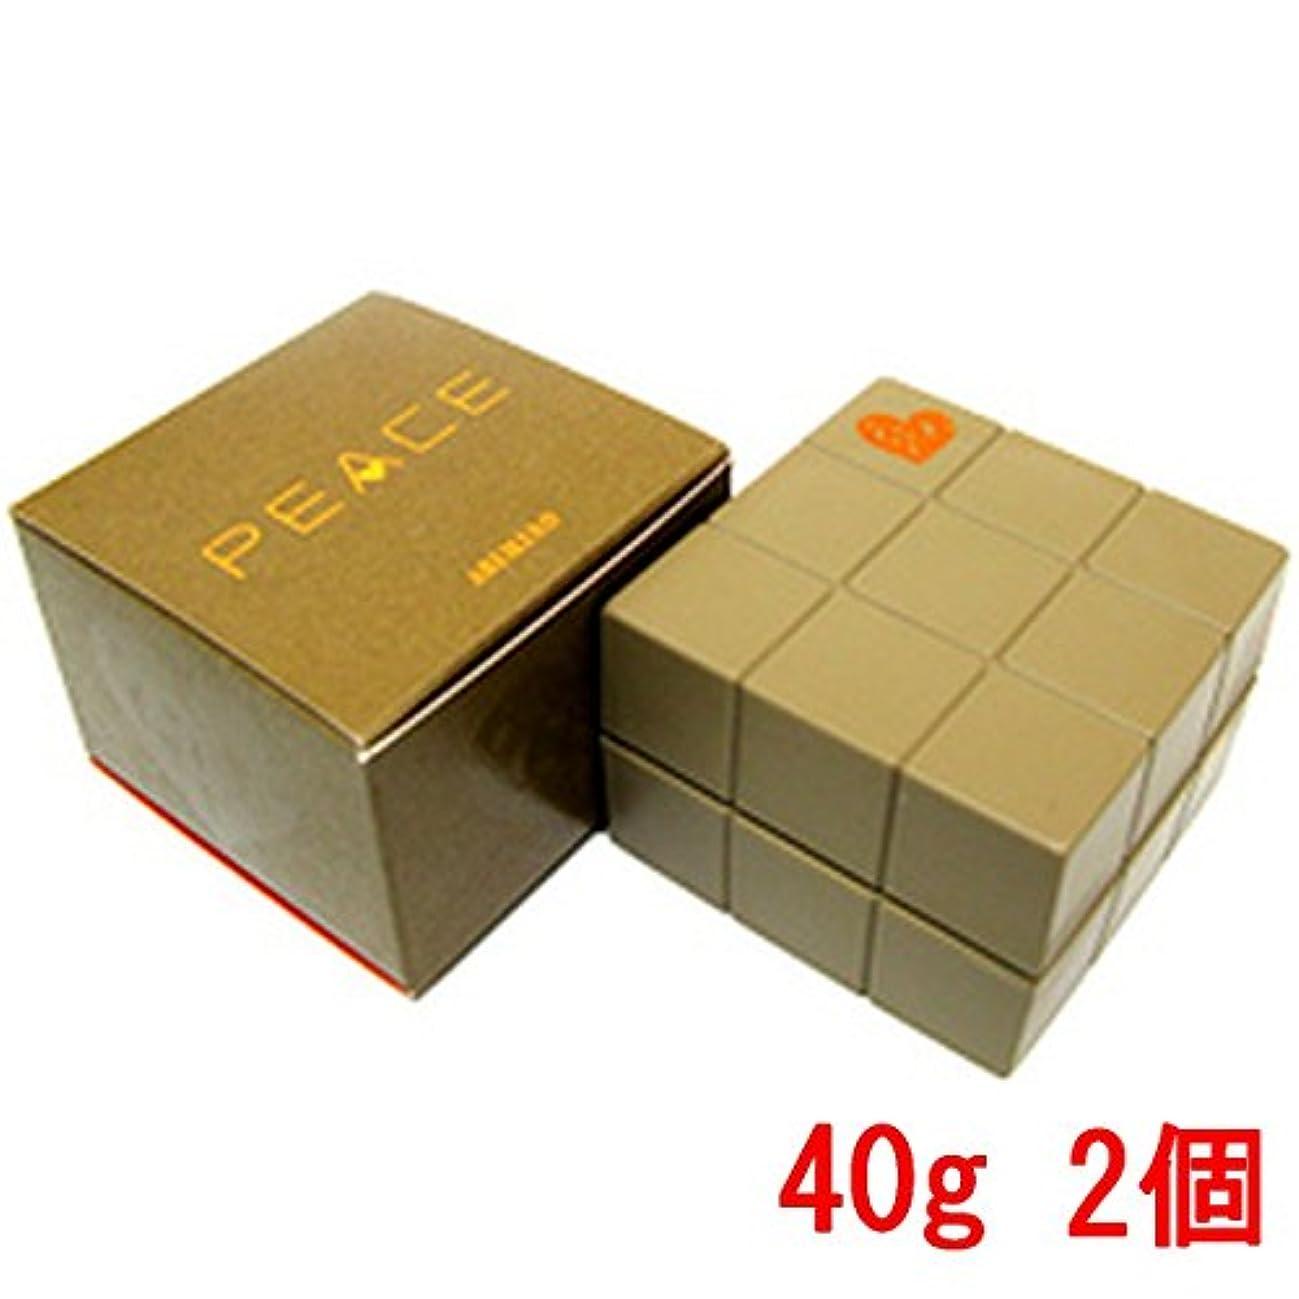 コットンヒューマニスティック維持するアリミノ ピース プロデザイン ソフトワックス40g ×2個 セット arimino PEACE